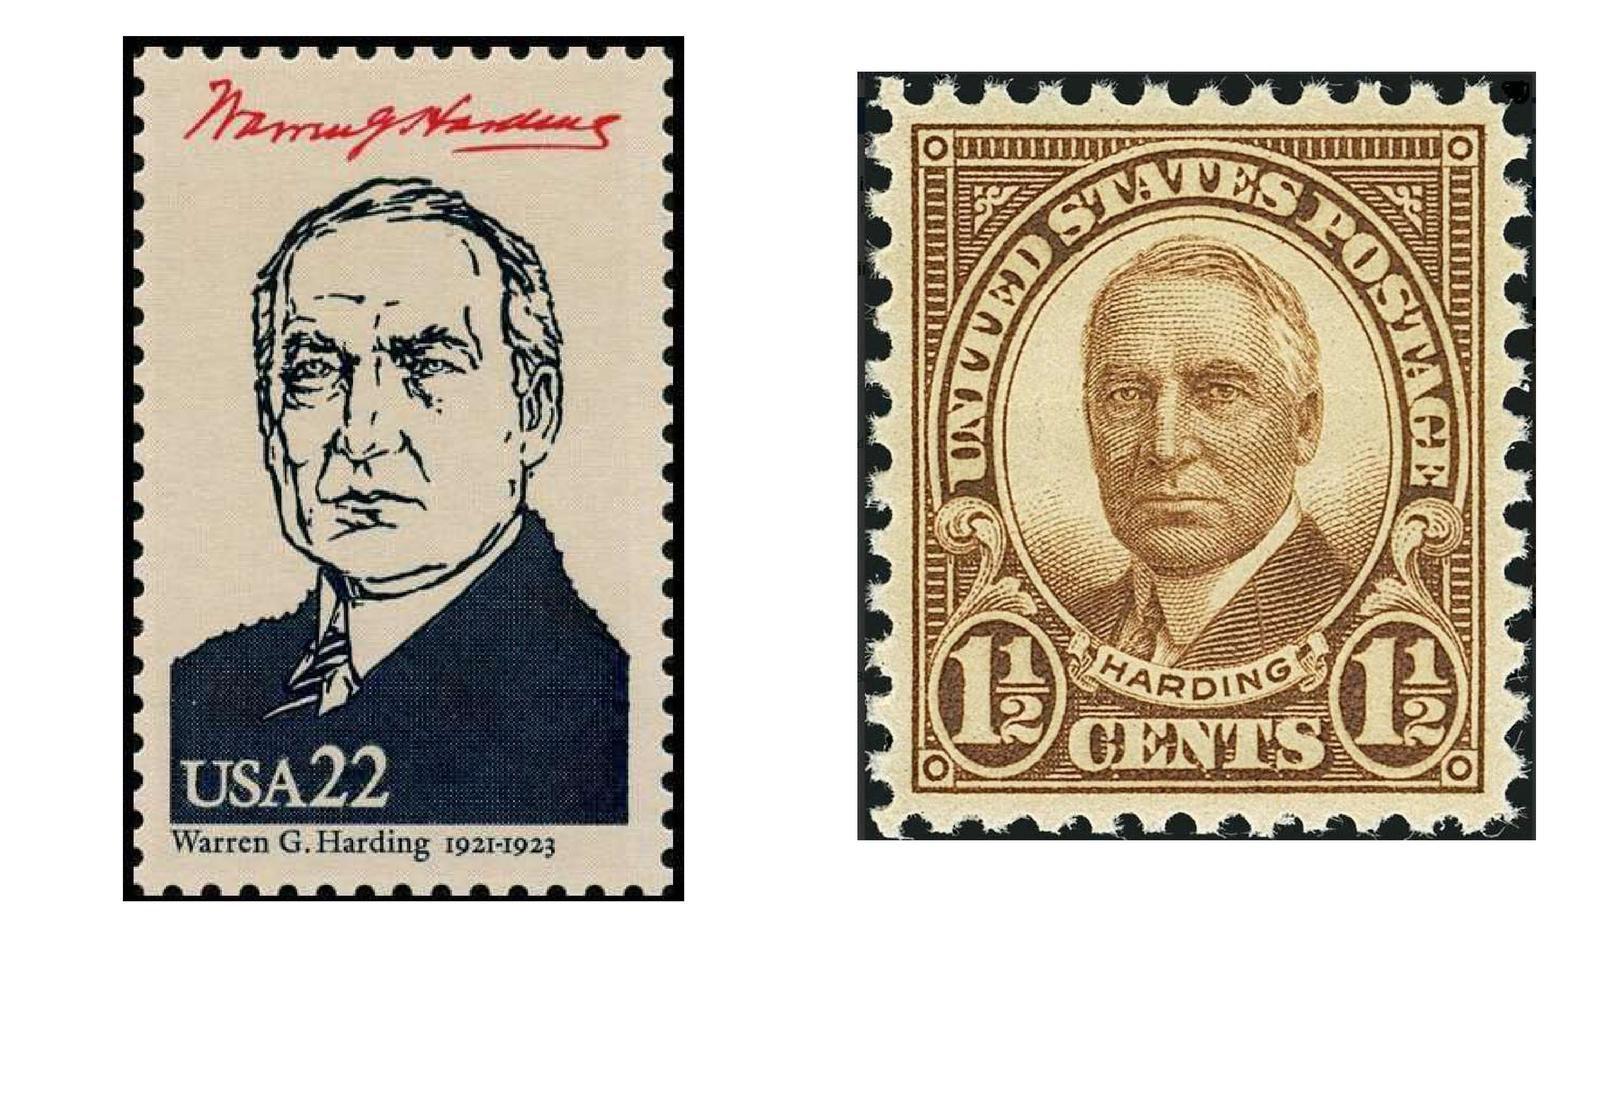 Les présidents des Etats-Unis d'AMERIQUE